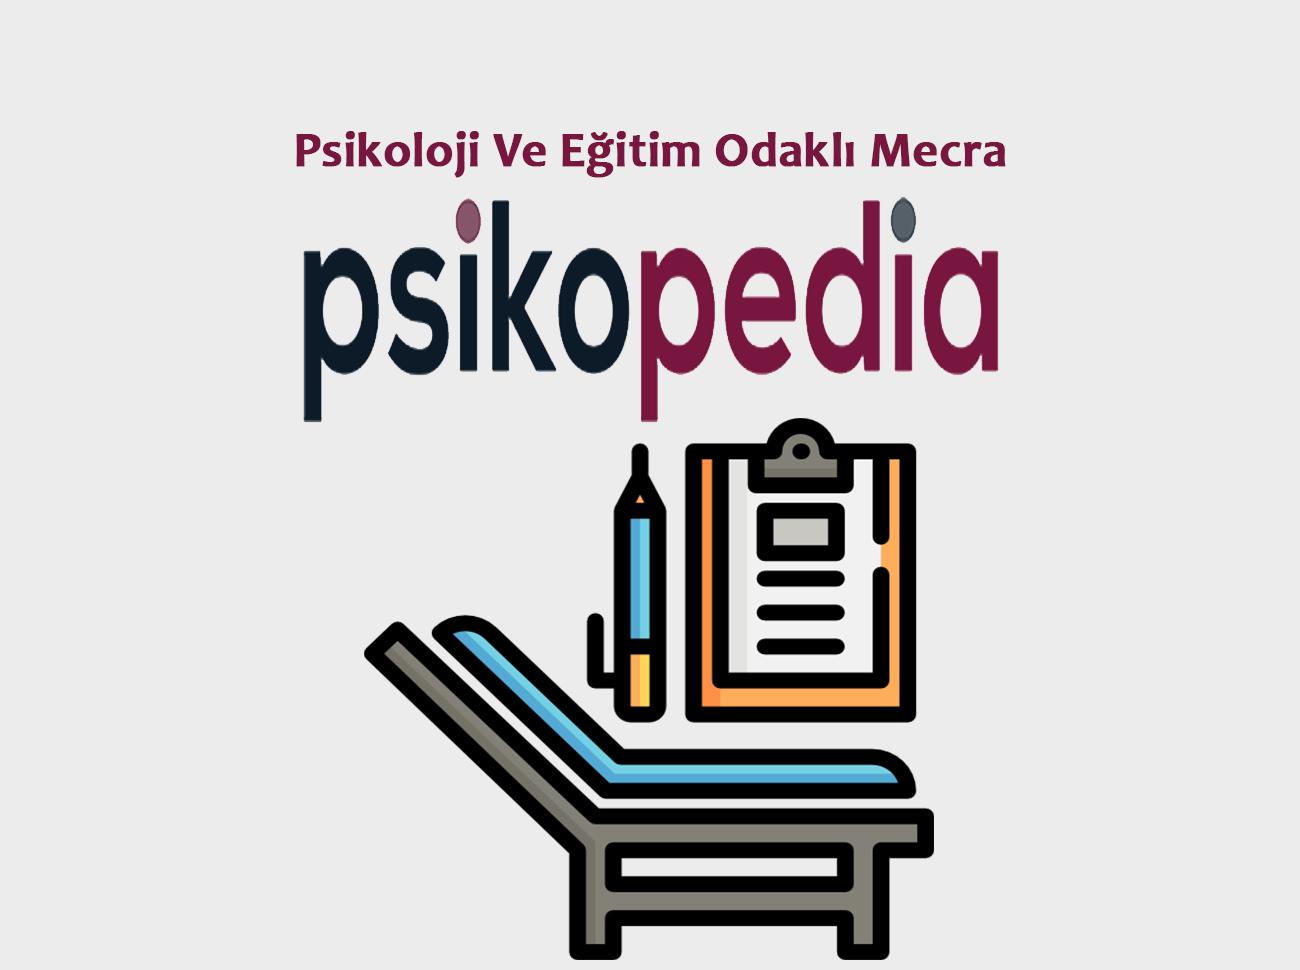 Psikoloji Ve Eğitim Odaklı Mecra: Psikopedia